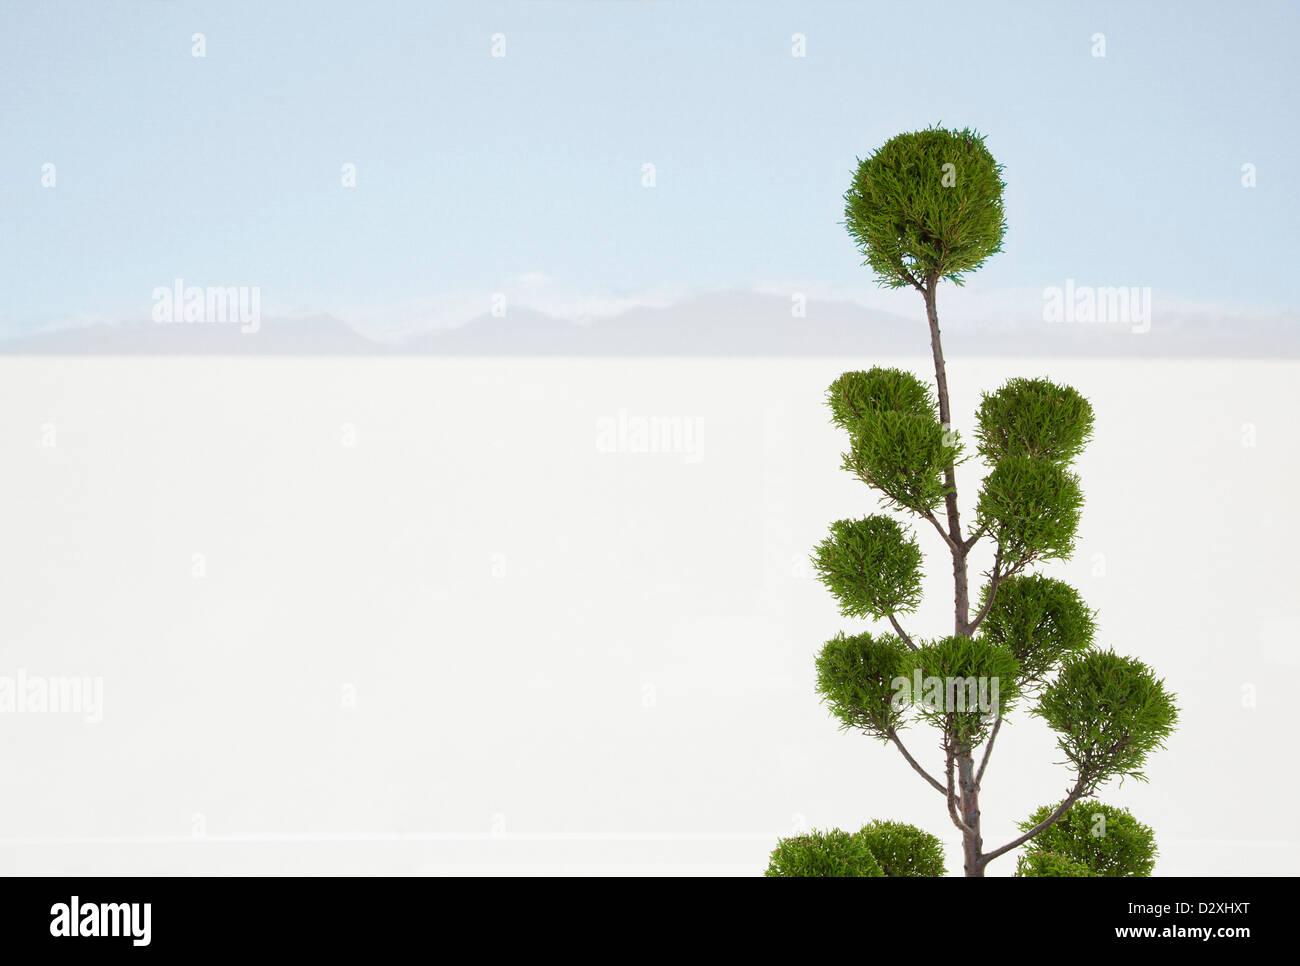 Désert de sable blanc avec des arbres en arrière-plan Photo Stock